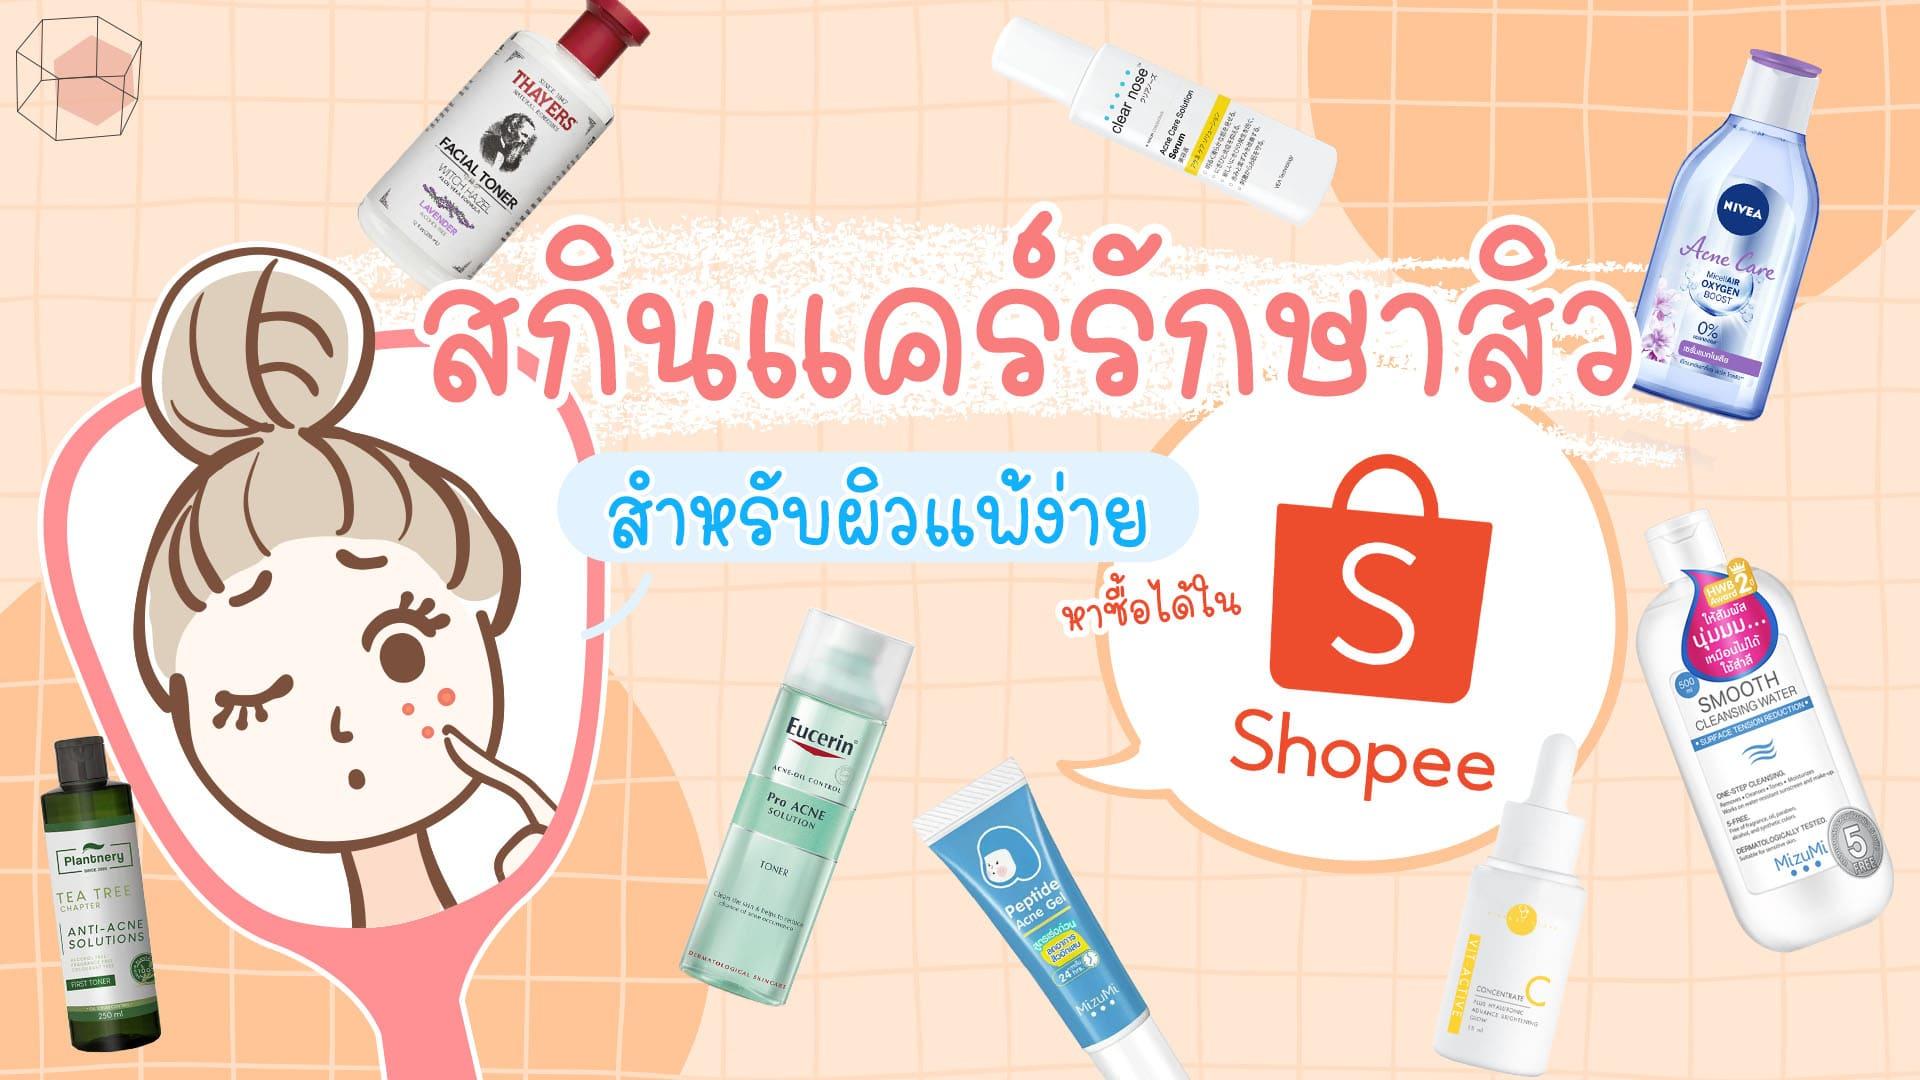 สกินแคร์รักษาสิว-Skincare for Acne-หาซื้อง่าย-ไม่แพง-Shopee